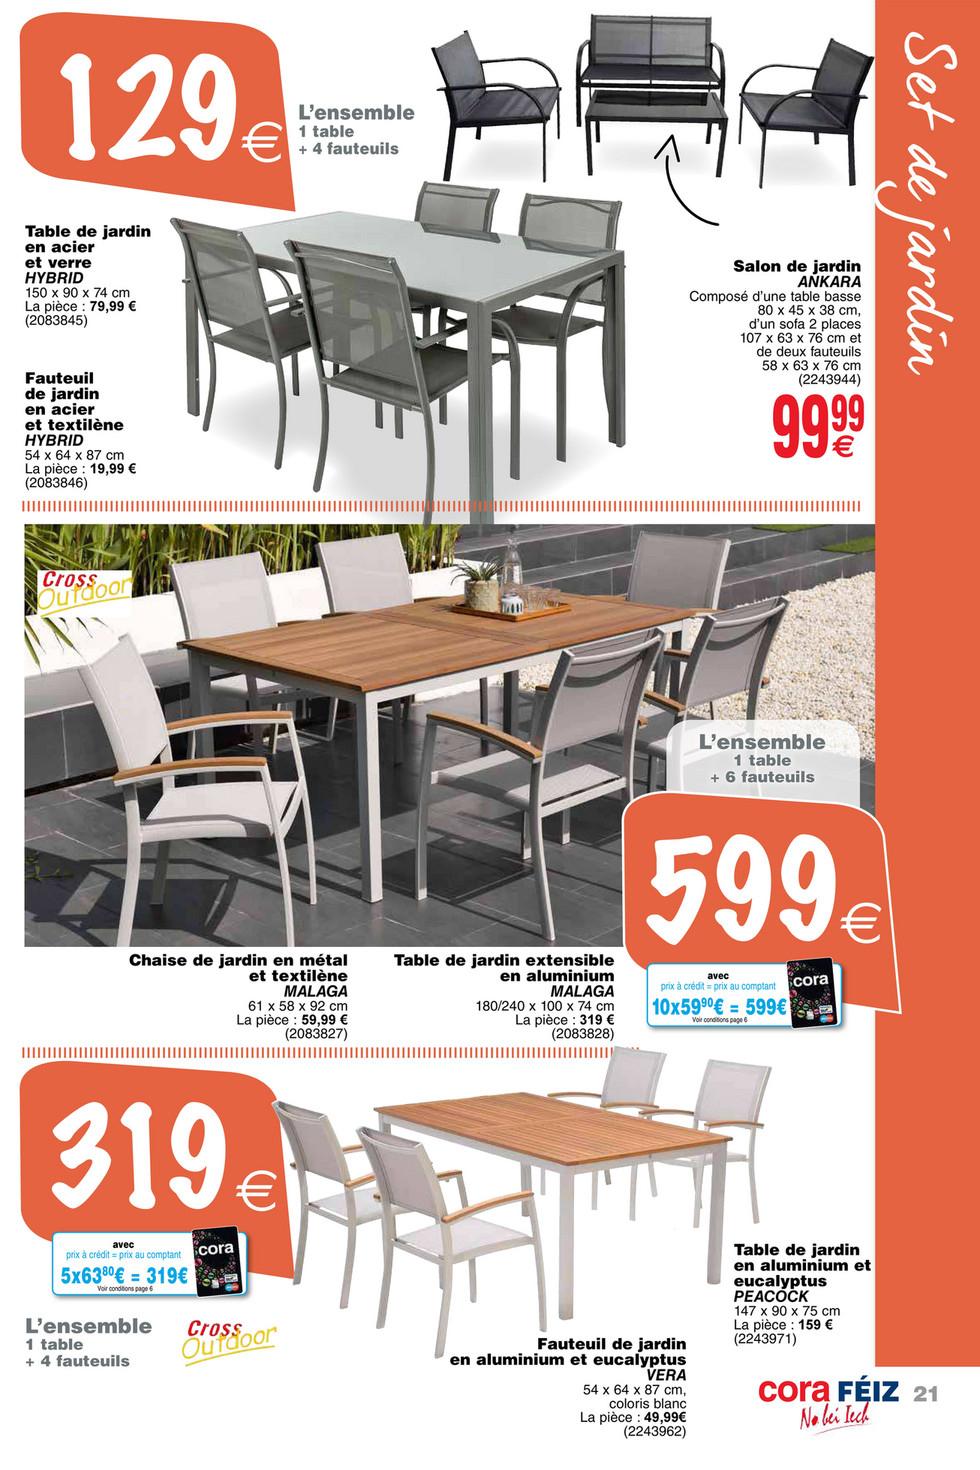 Cora - Foetz Plein Air 14-05-19 - Page 20-21 avec Cora Table De Jardin